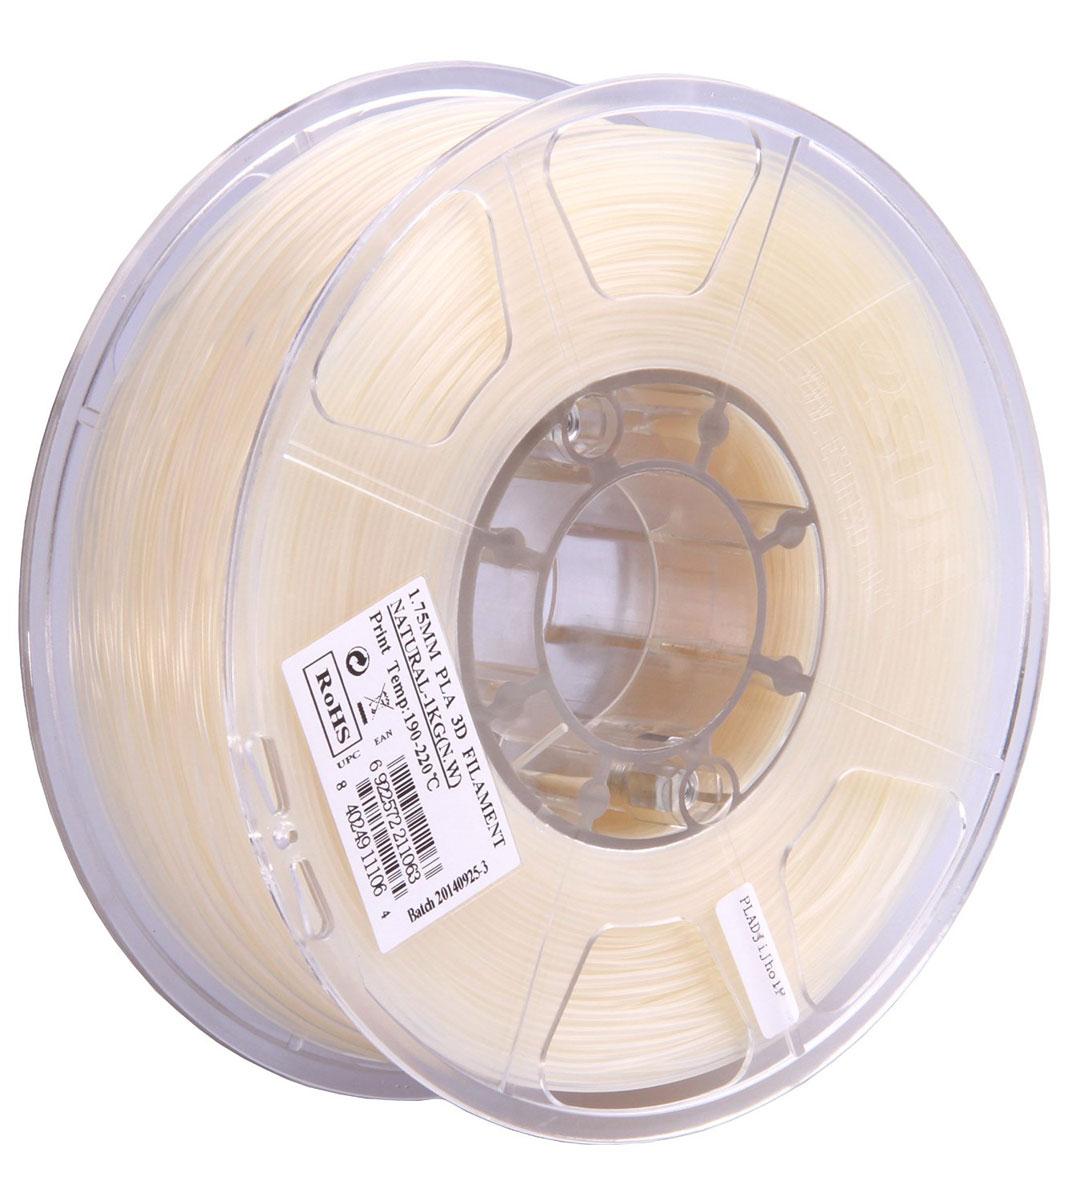 ESUN PLA-пластик в катушке, White (PLA175N1)PLA175N1Пластик PLA от ESUN долговечный и очень прочный полимер, ударопрочный, эластичный и стойкий к моющим средствам и щелочам. Один из лучших материалов для печати на 3D принтере. Пластик не имеет запаха и не является токсичным. Температура плавления190-220°C. PLA пластик для 3D-принтера применяется в деталях автомобилей, канцелярских изделиях, корпусах бытовой техники, мебели, сантехники, а также в производстве игрушек, сувениров, спортивного инвентаря, деталей оружия, медицинского оборудования и прочего.Диаметр нити: 1.75 мм